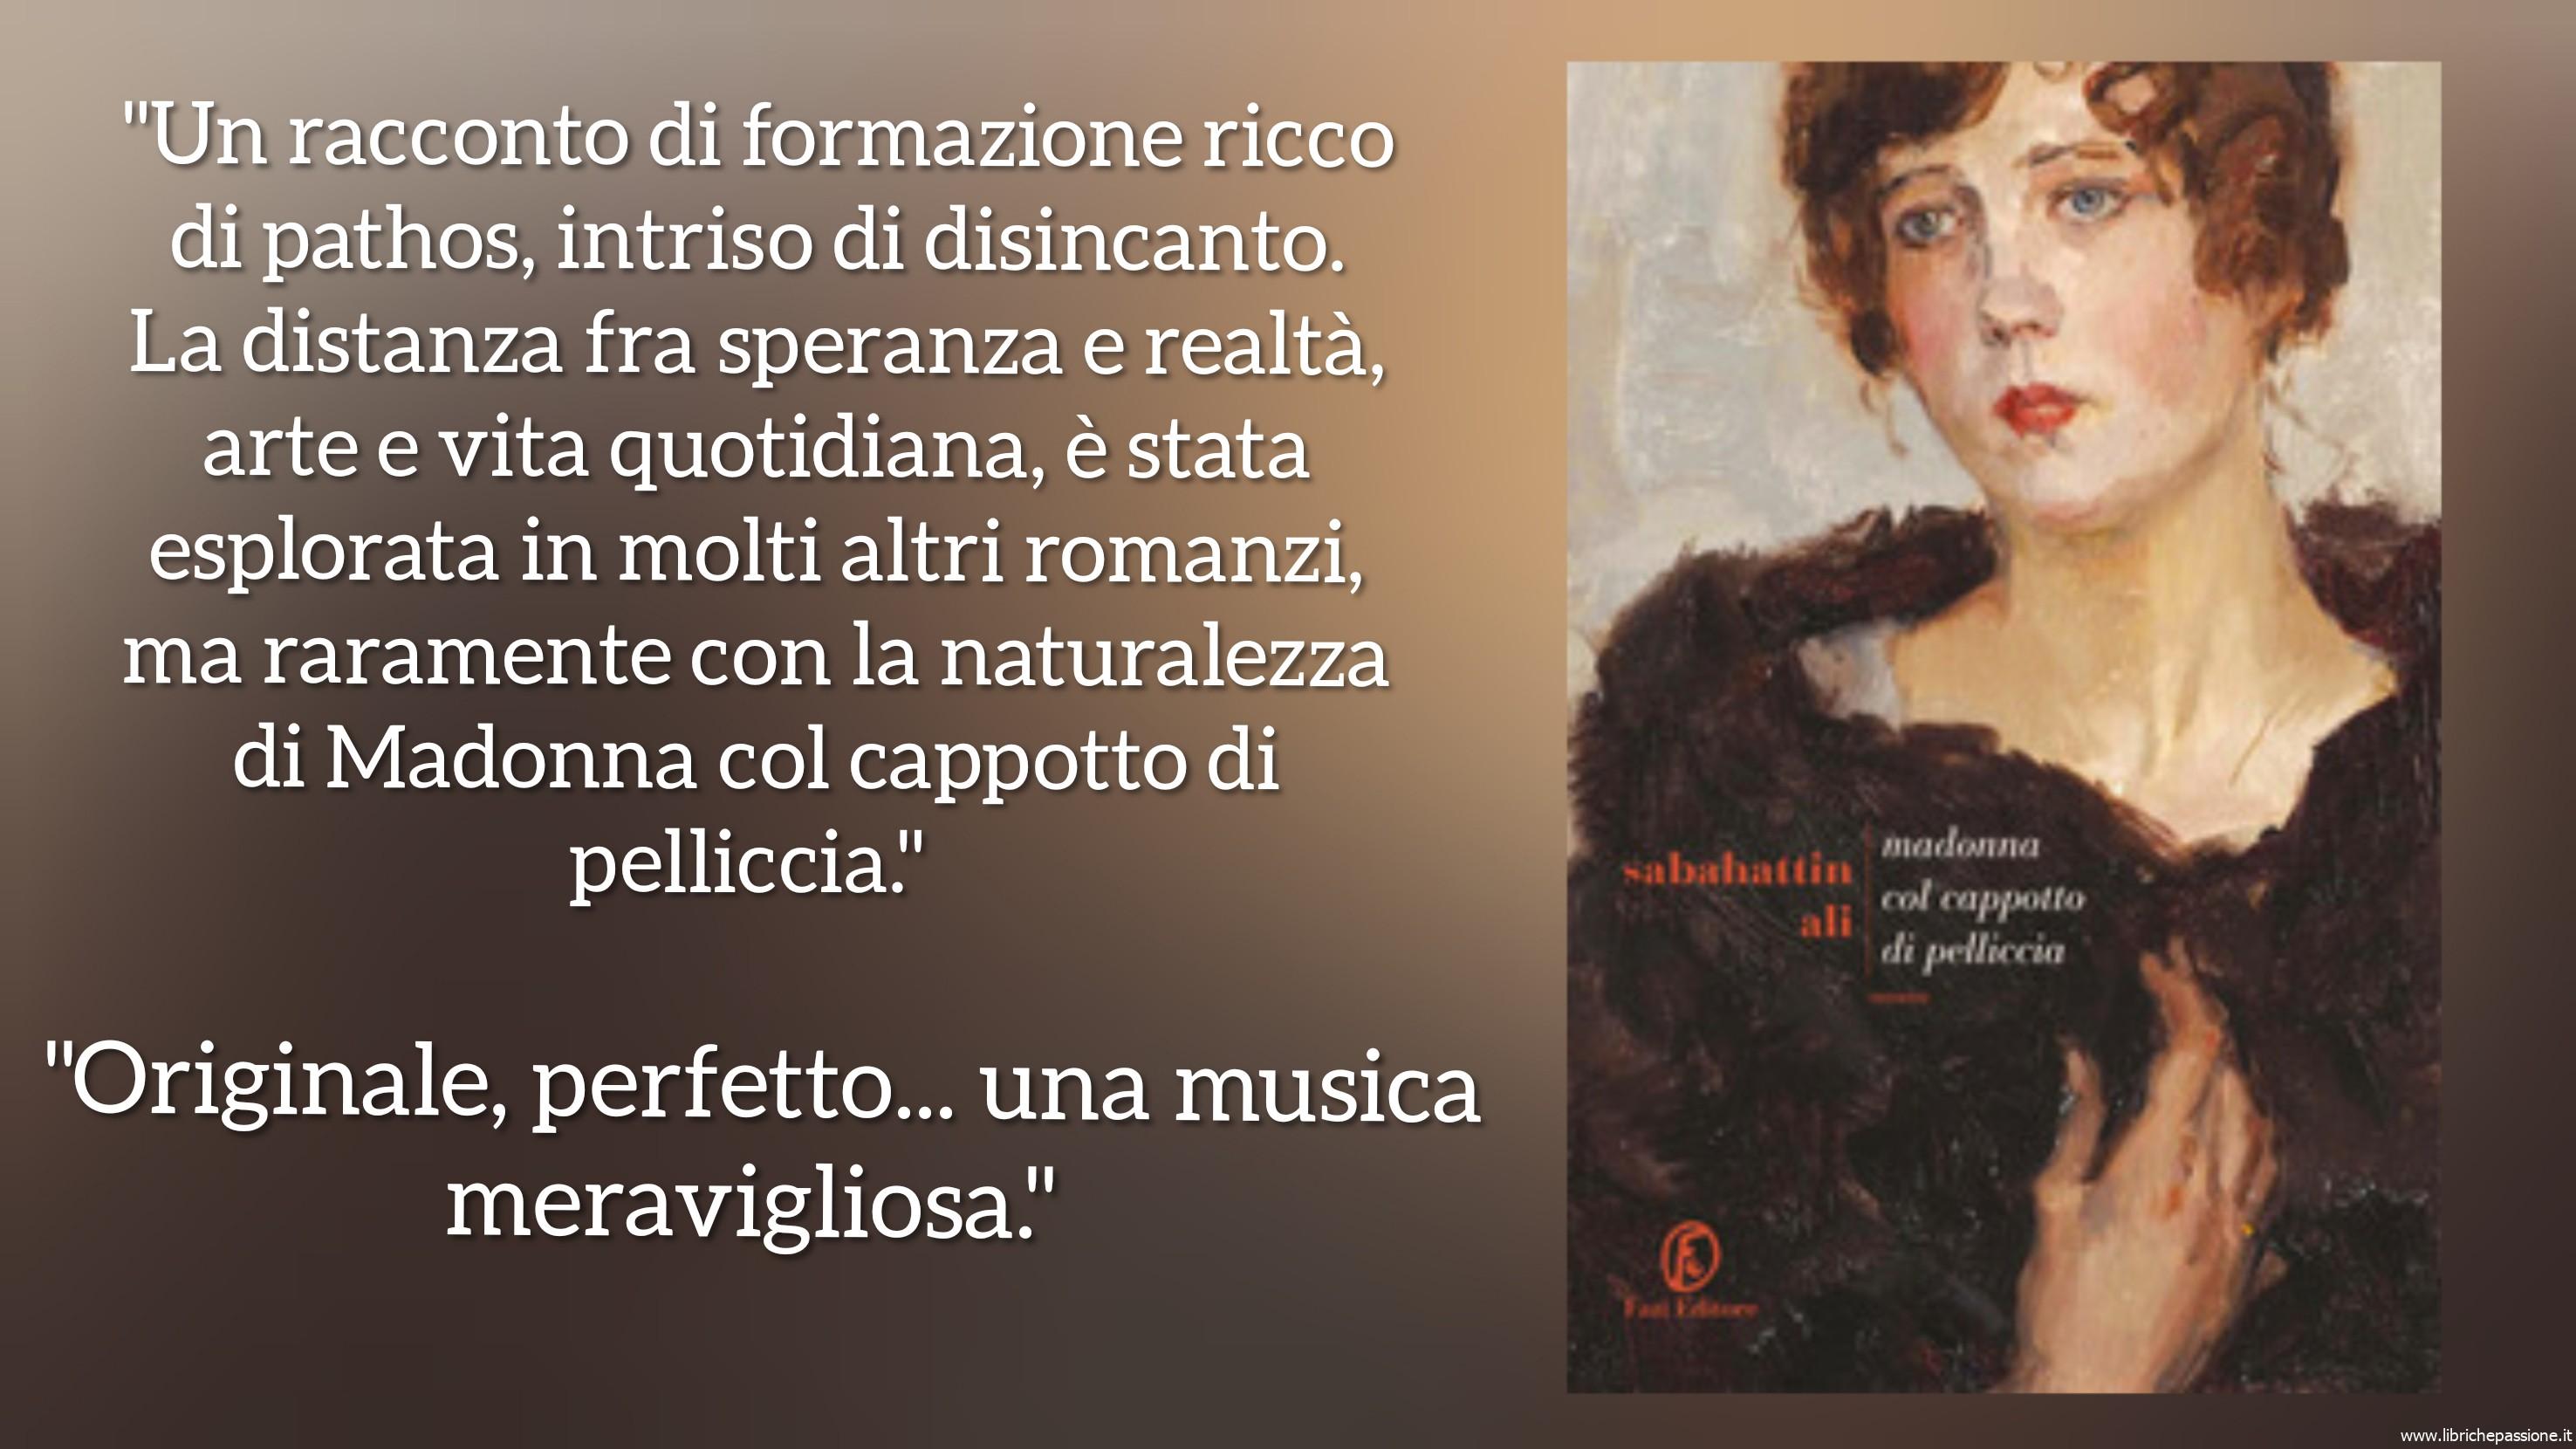 """Vi presento """"Madonna col cappotto di pelliccia"""",autore Sabahattin Alì, Fazi Editore"""